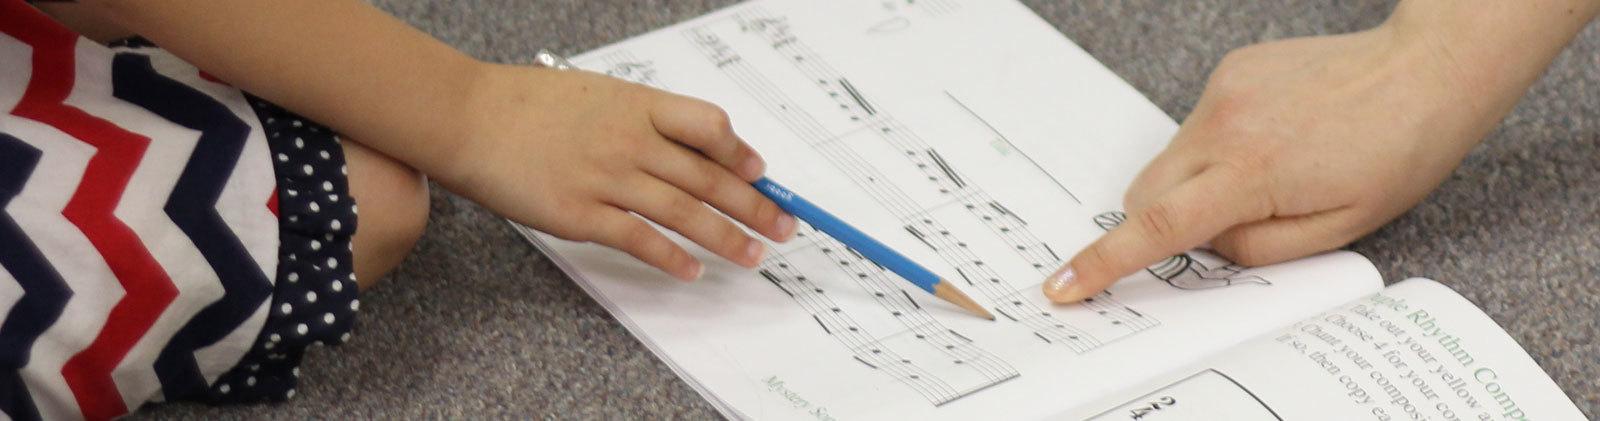 Become a children's music teacher at Musikgarten